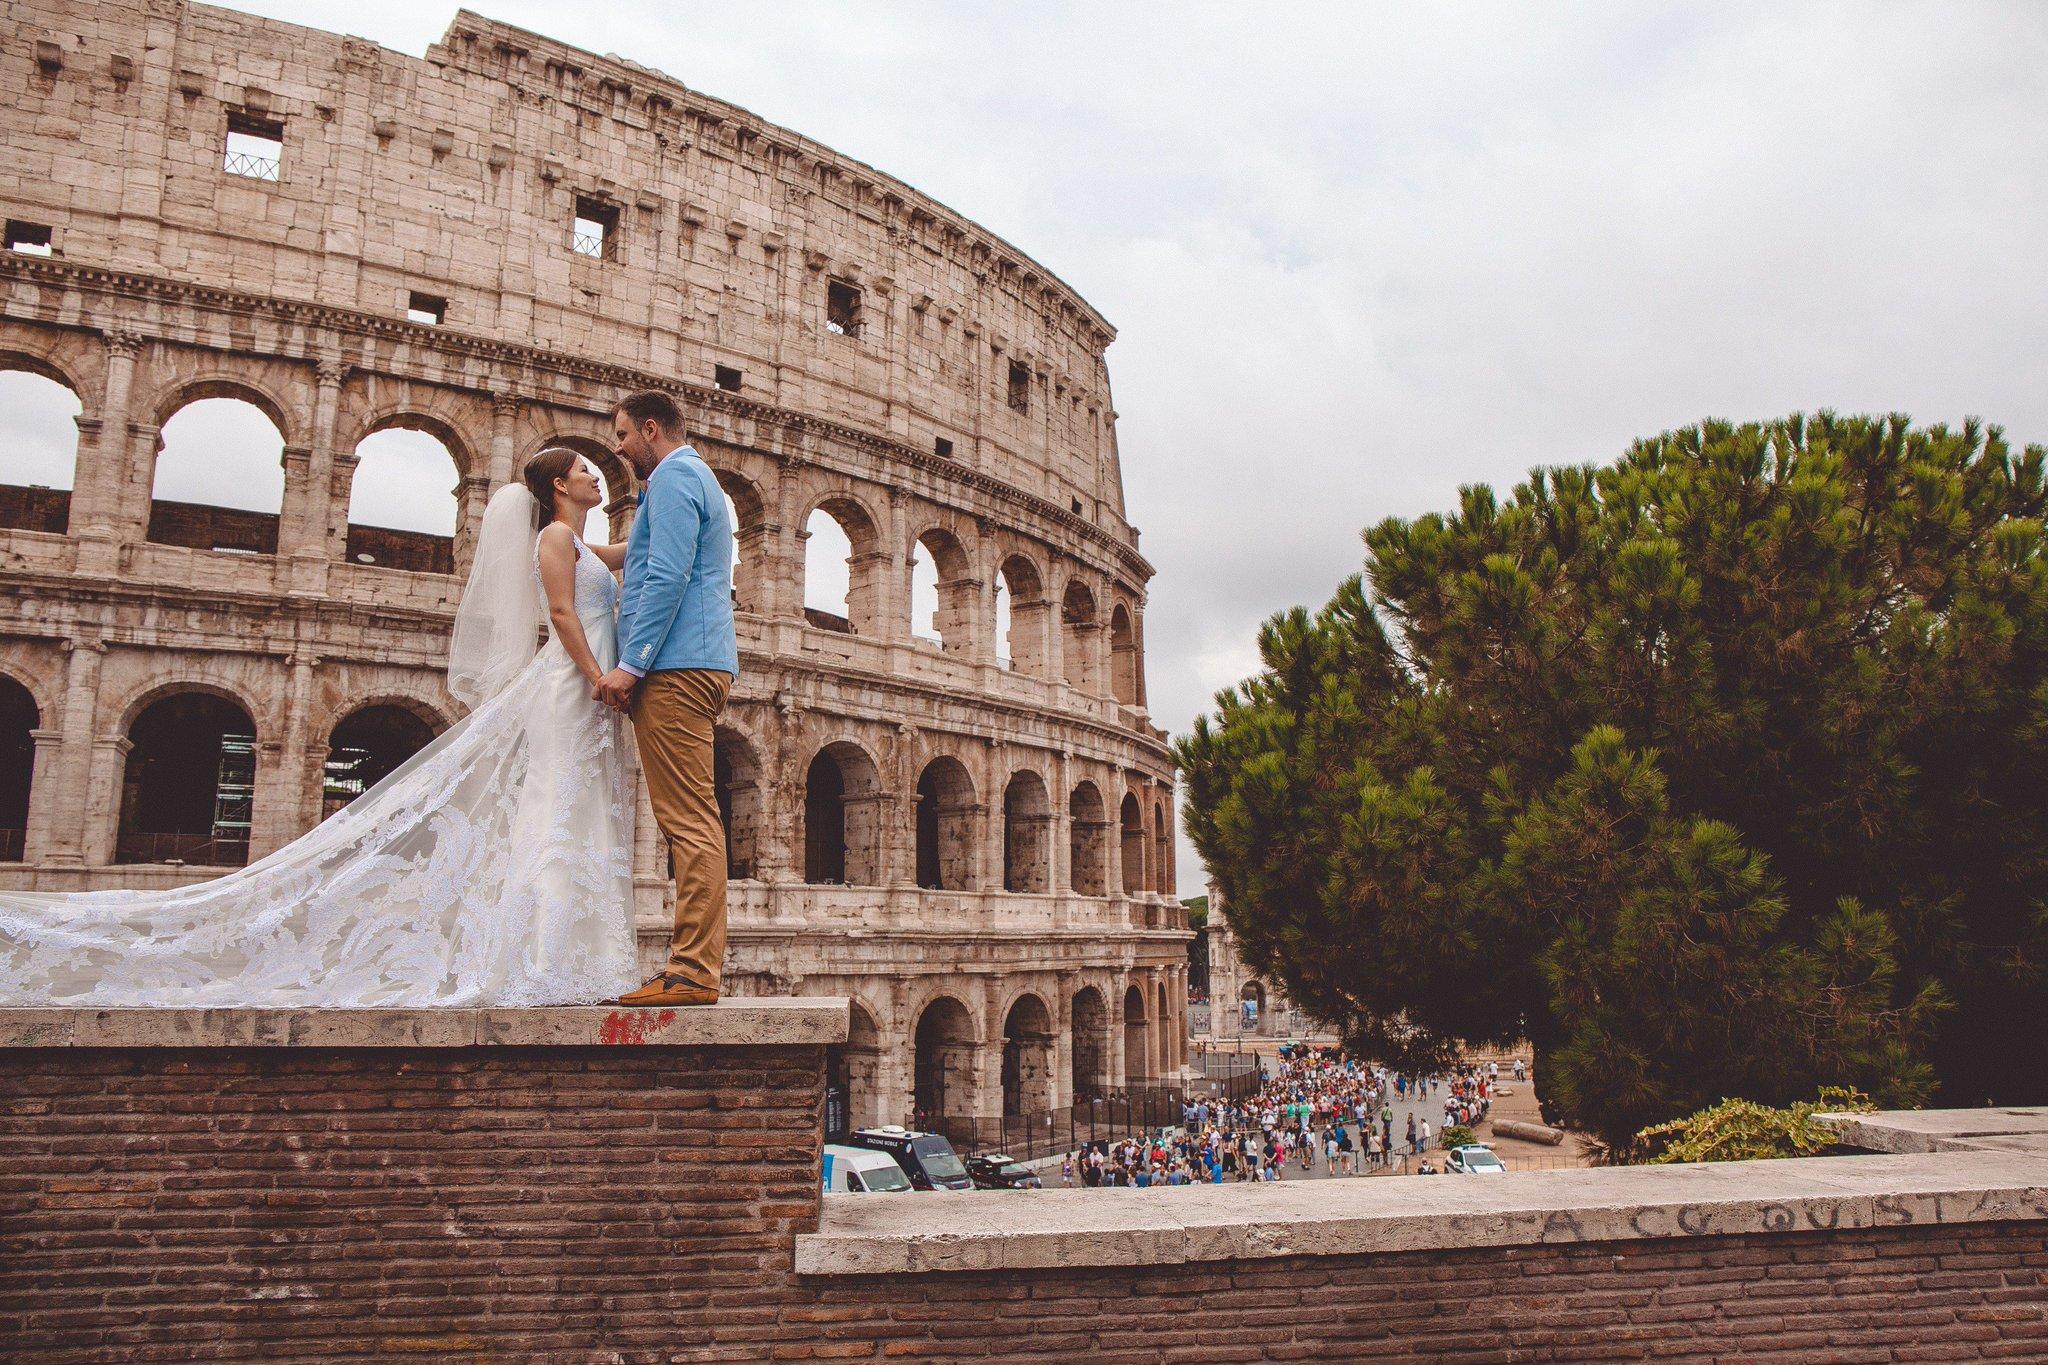 турнир кхл свадебные фотографы в италии сказать том